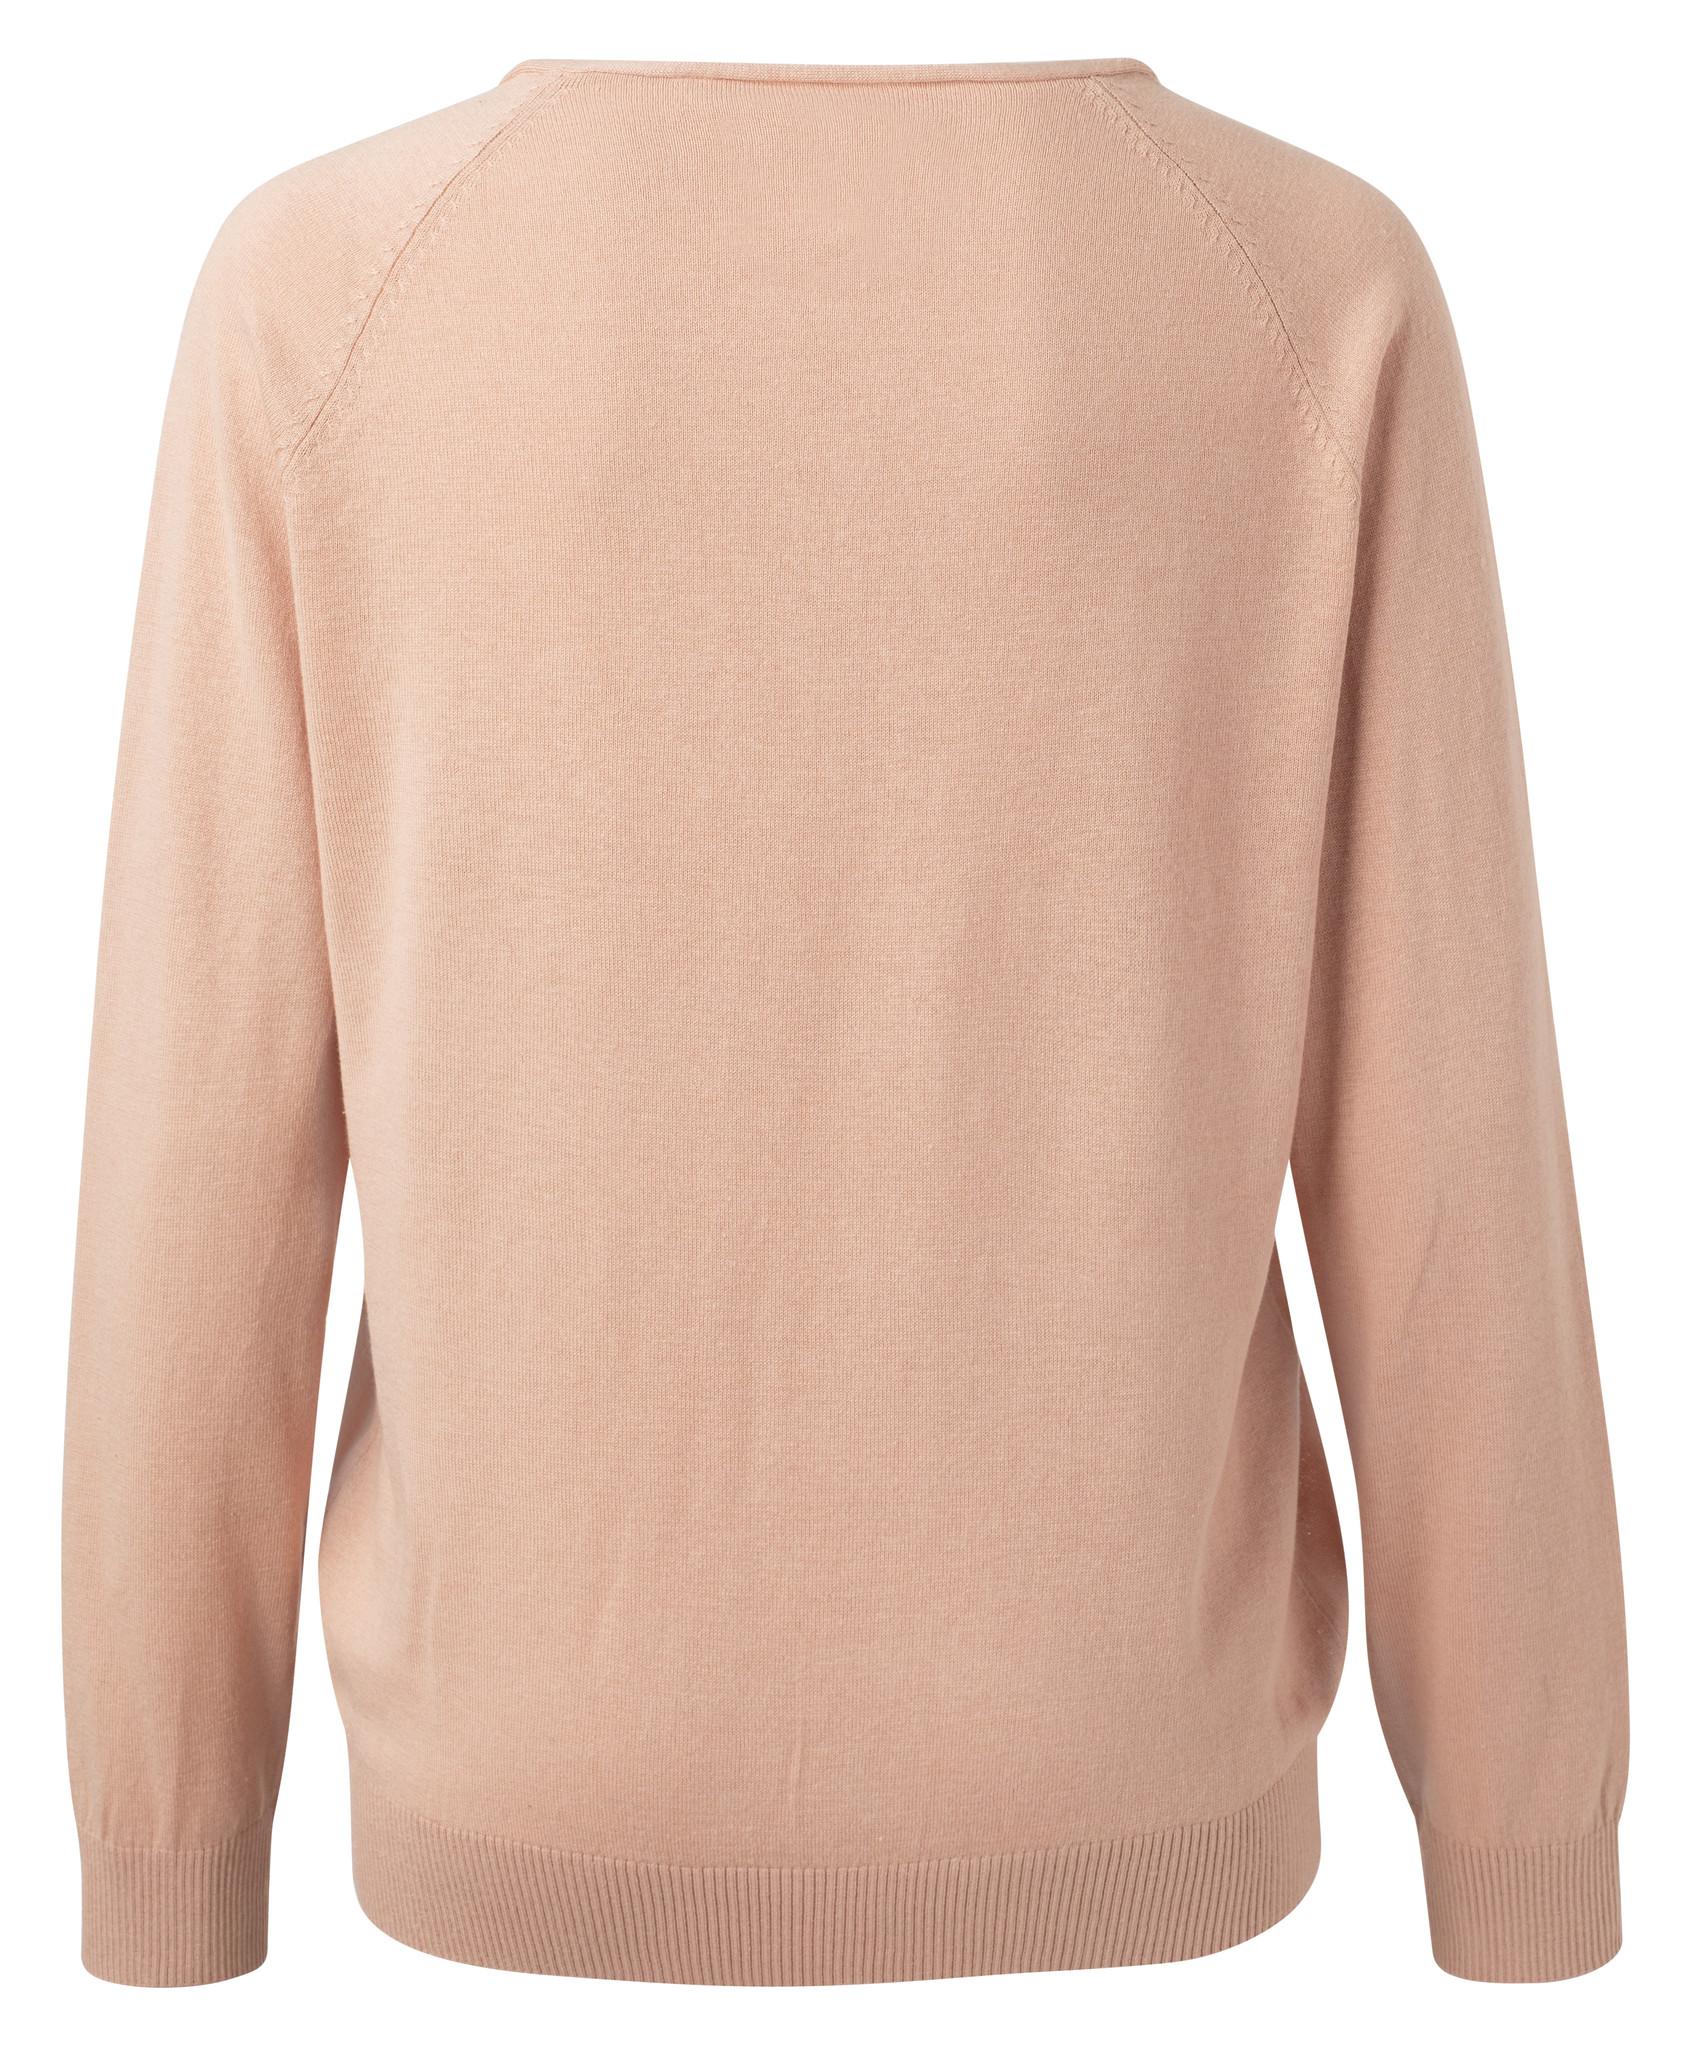 yaya Basic vneck sweater 1000273-113-3